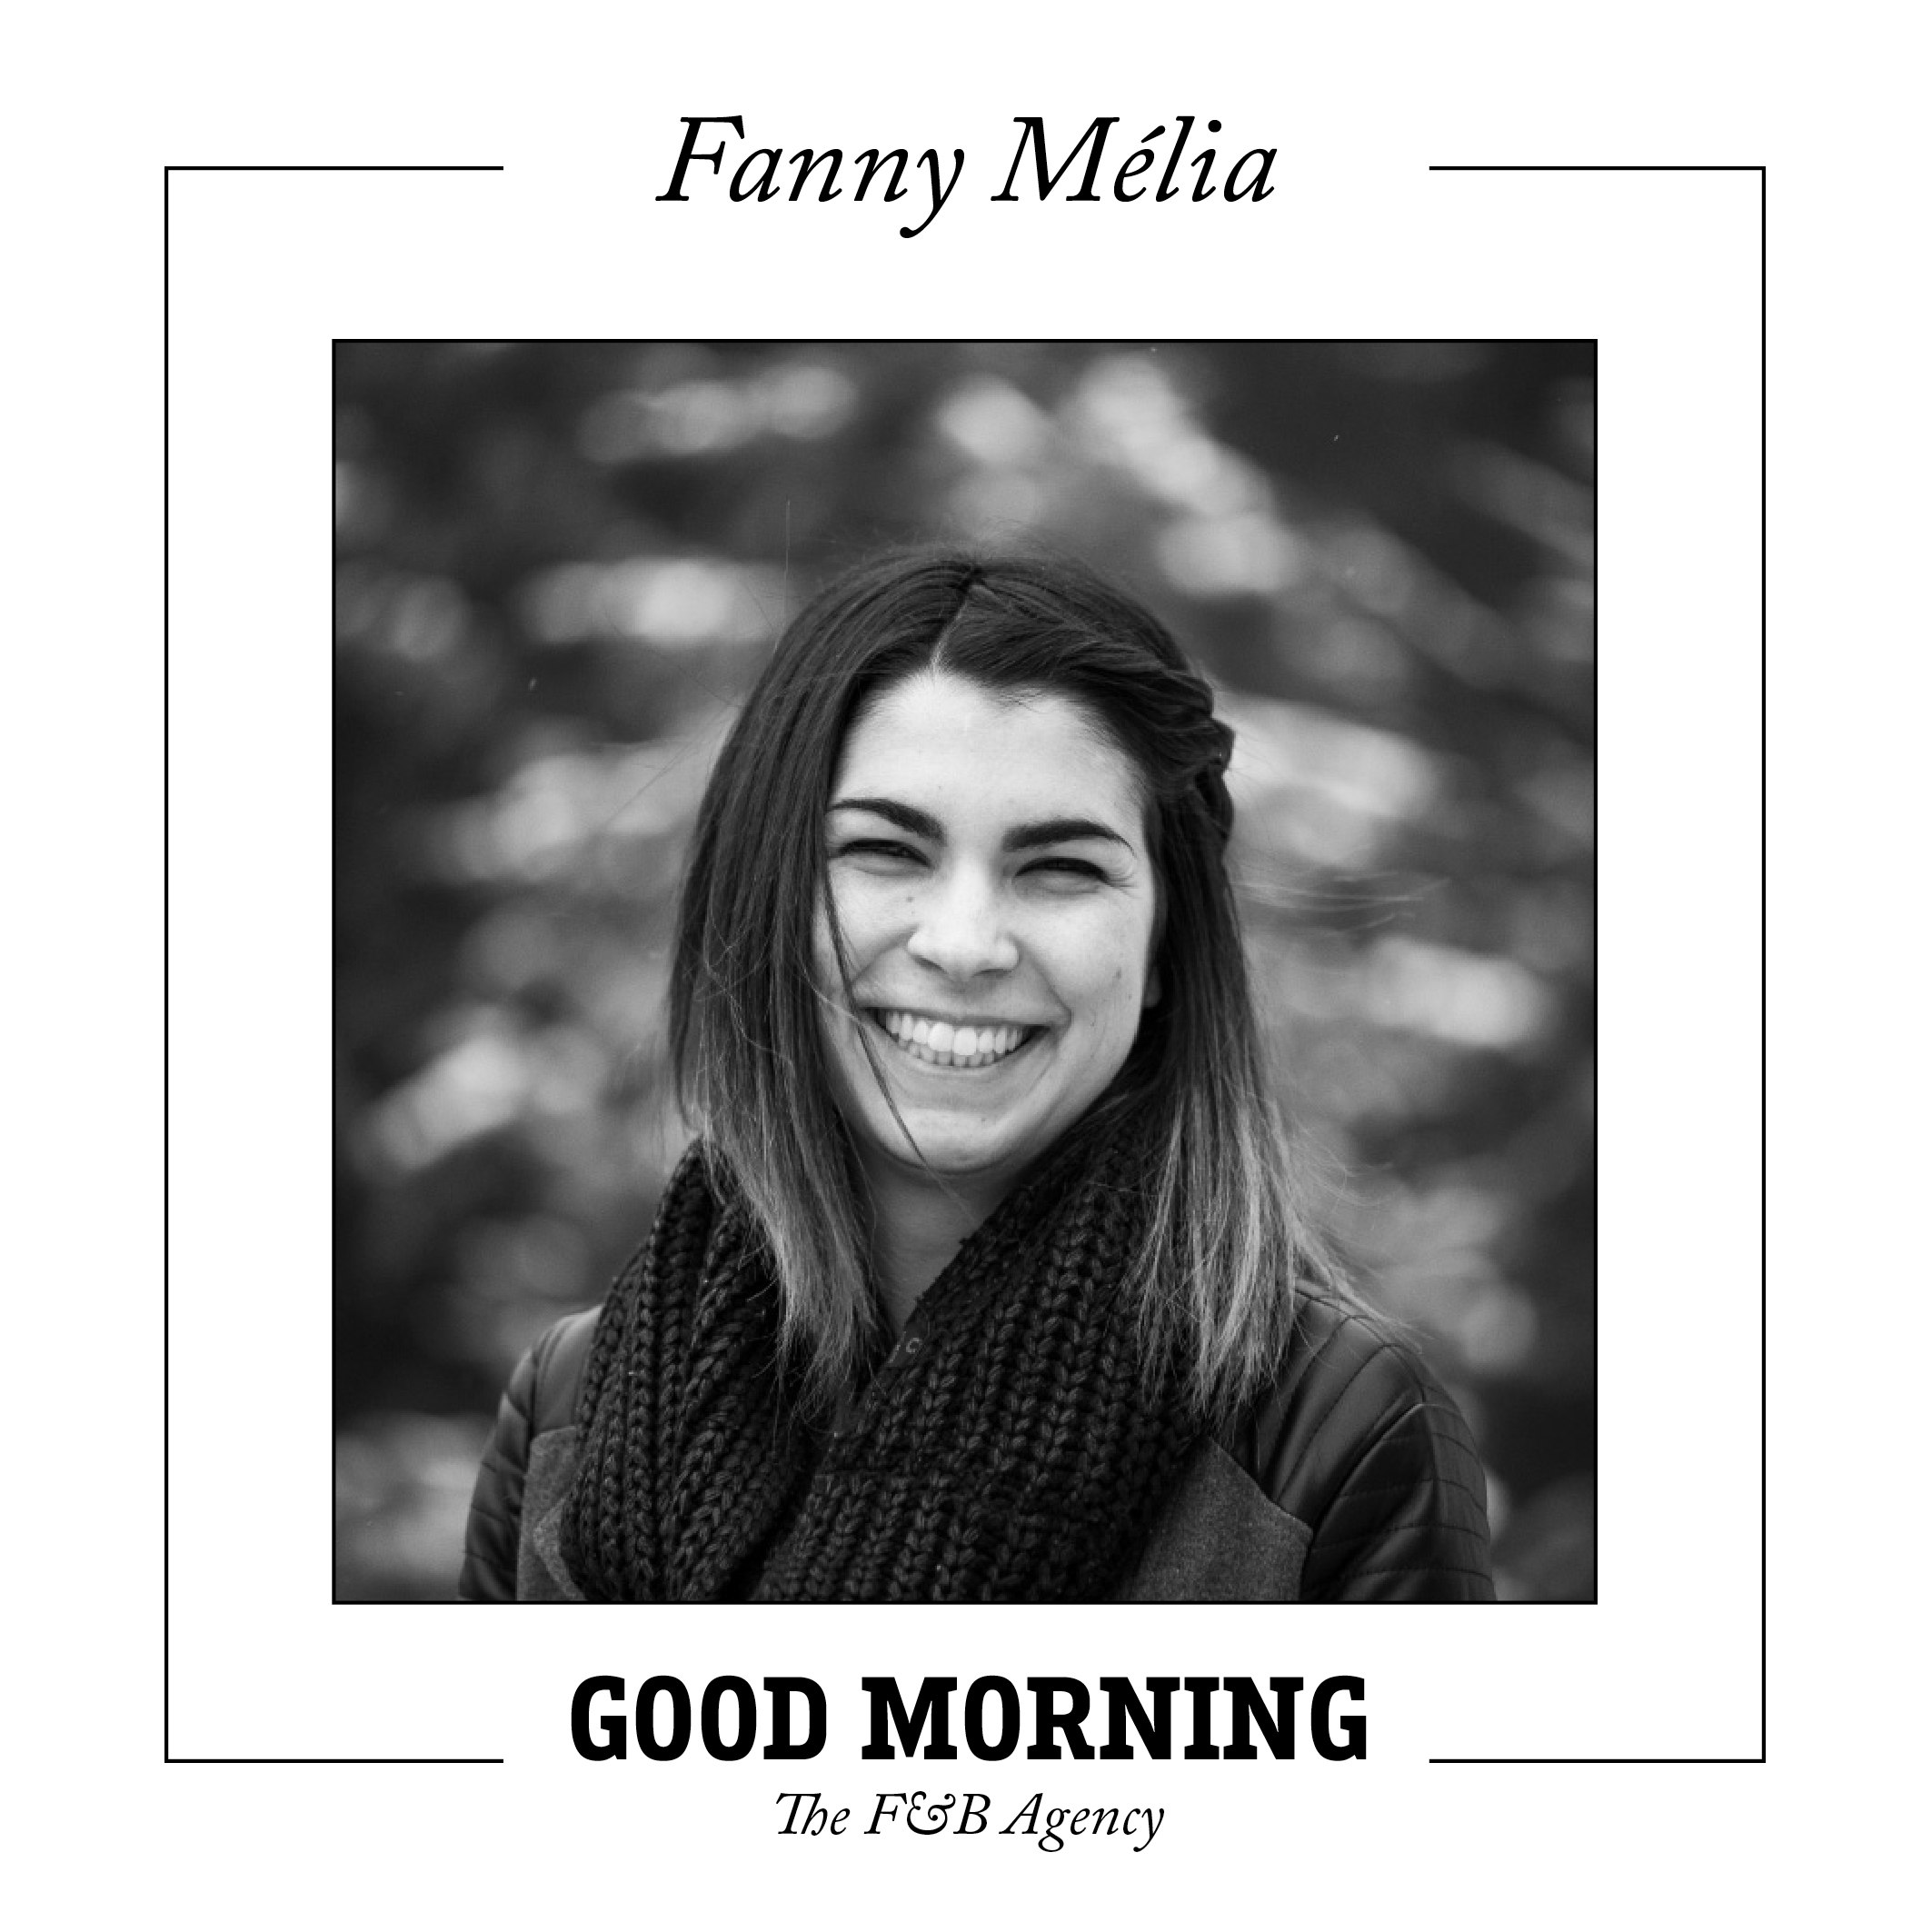 Fanny-Melia.jpg